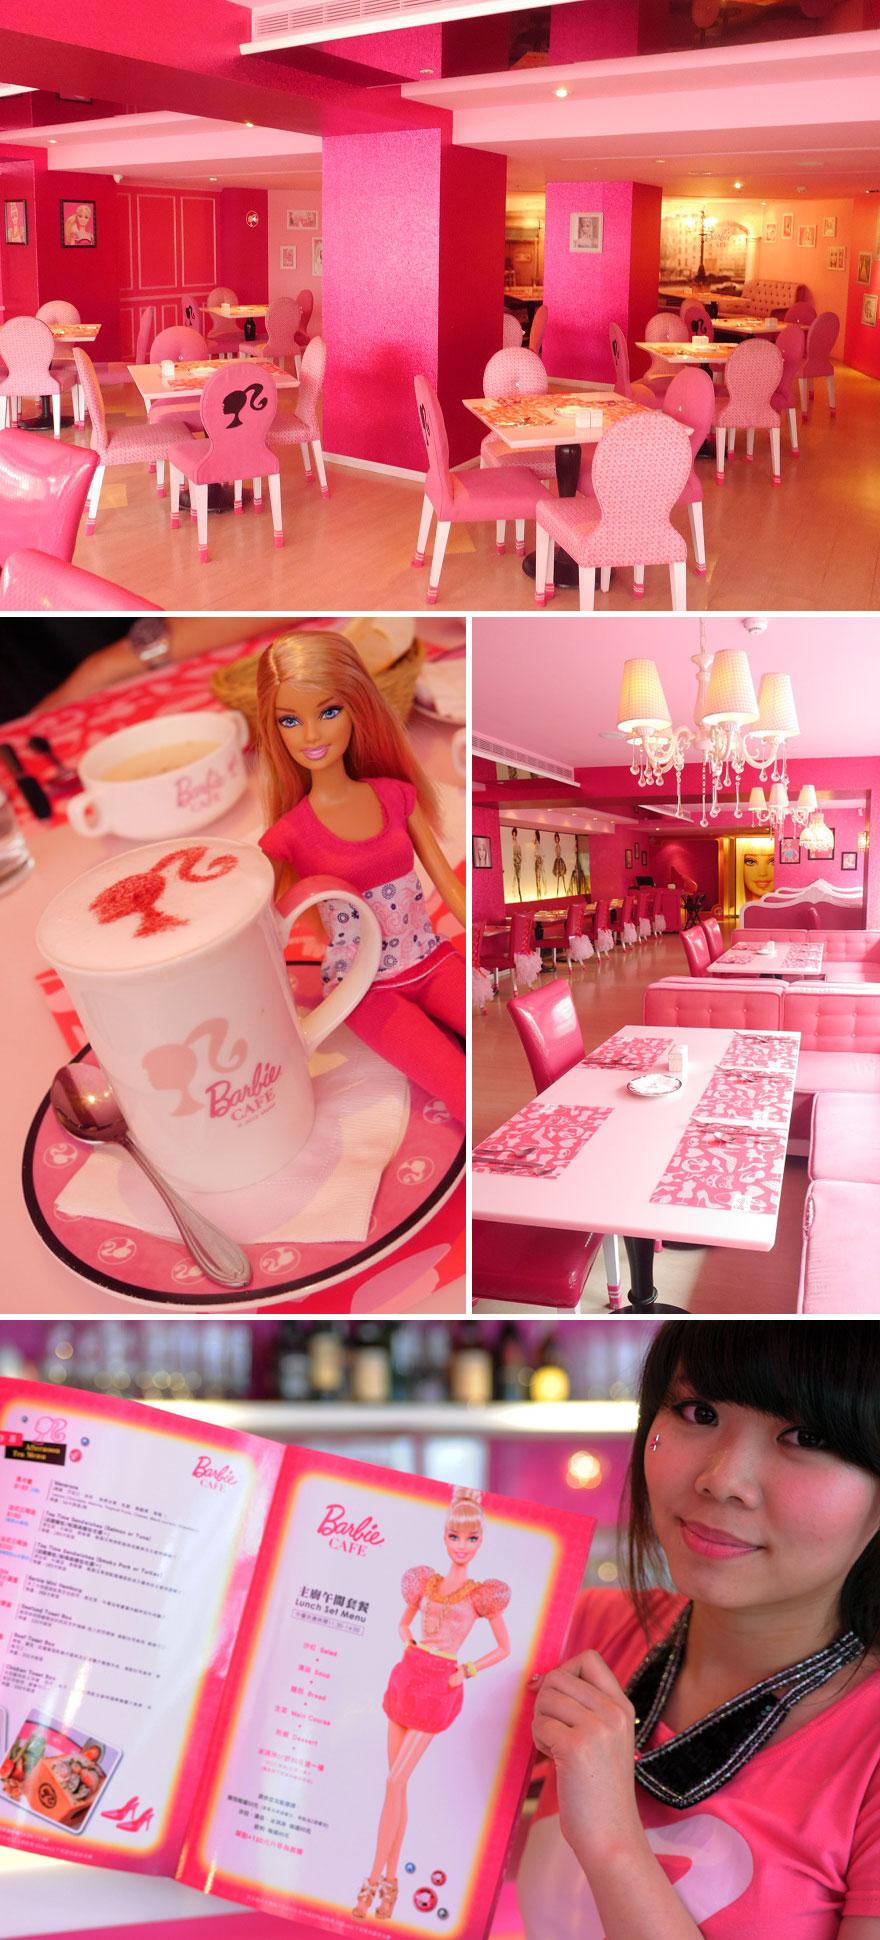 Barbie Cafe In Taipei, Taiwan